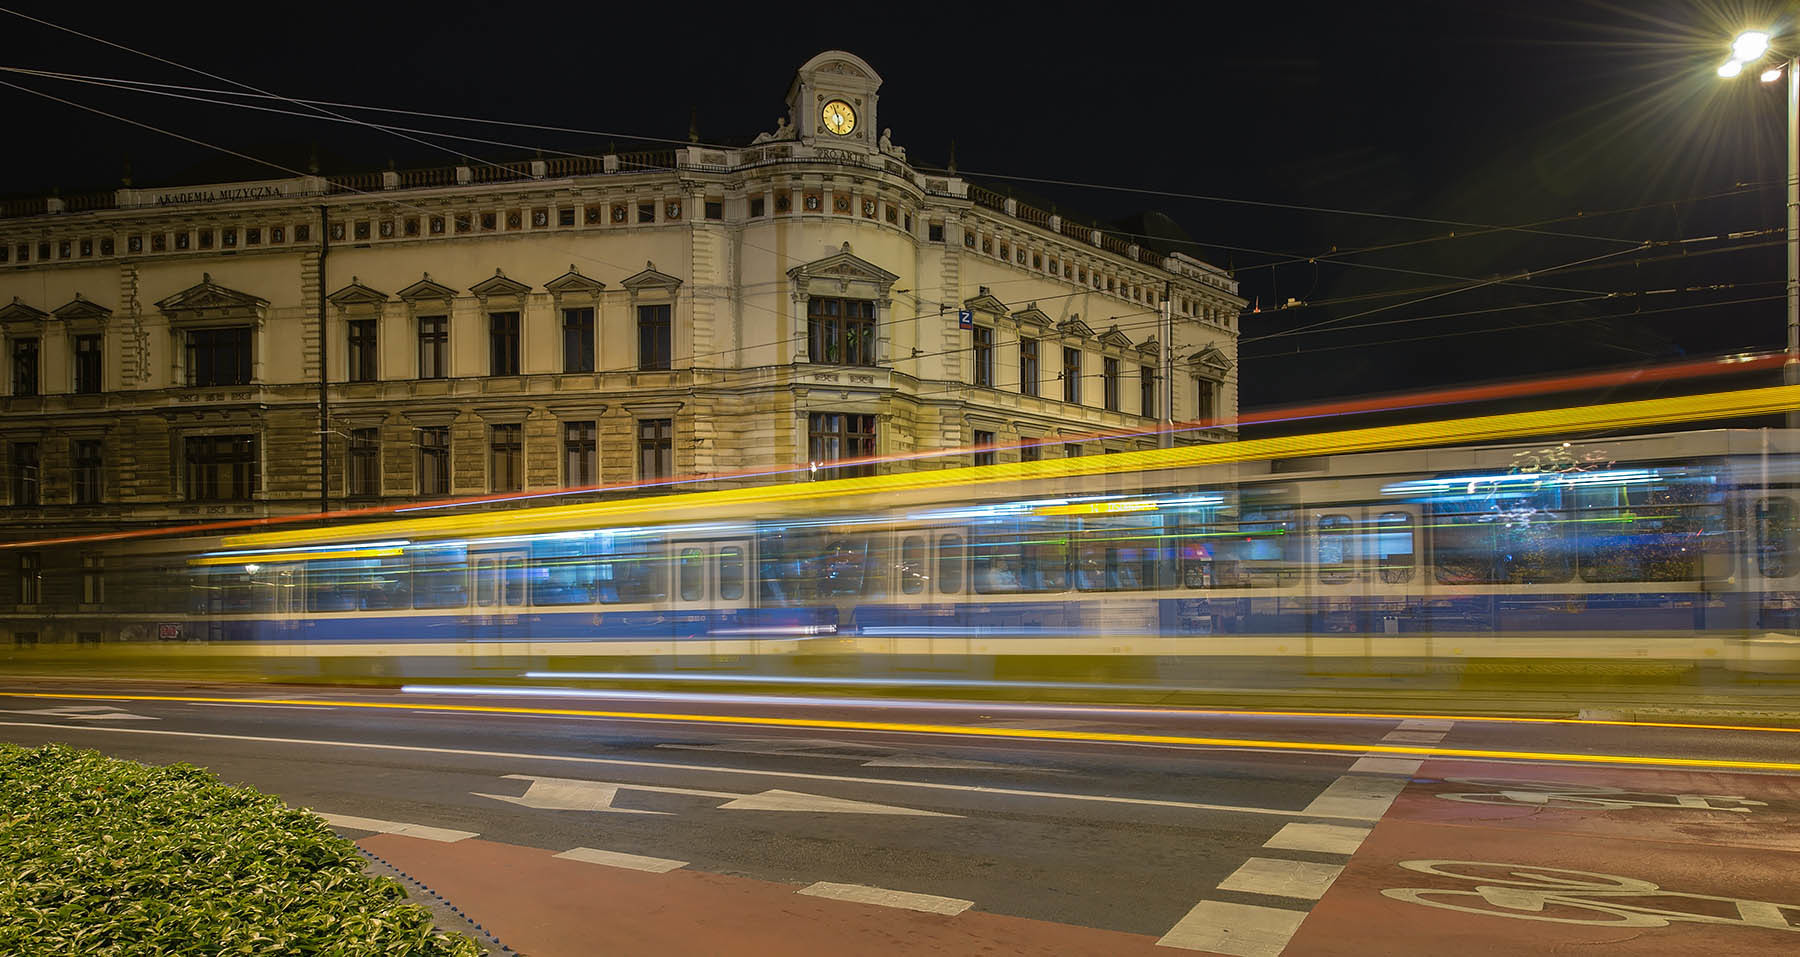 Nocny przejazd wrocławskiego tramwaja we Wrocławiu